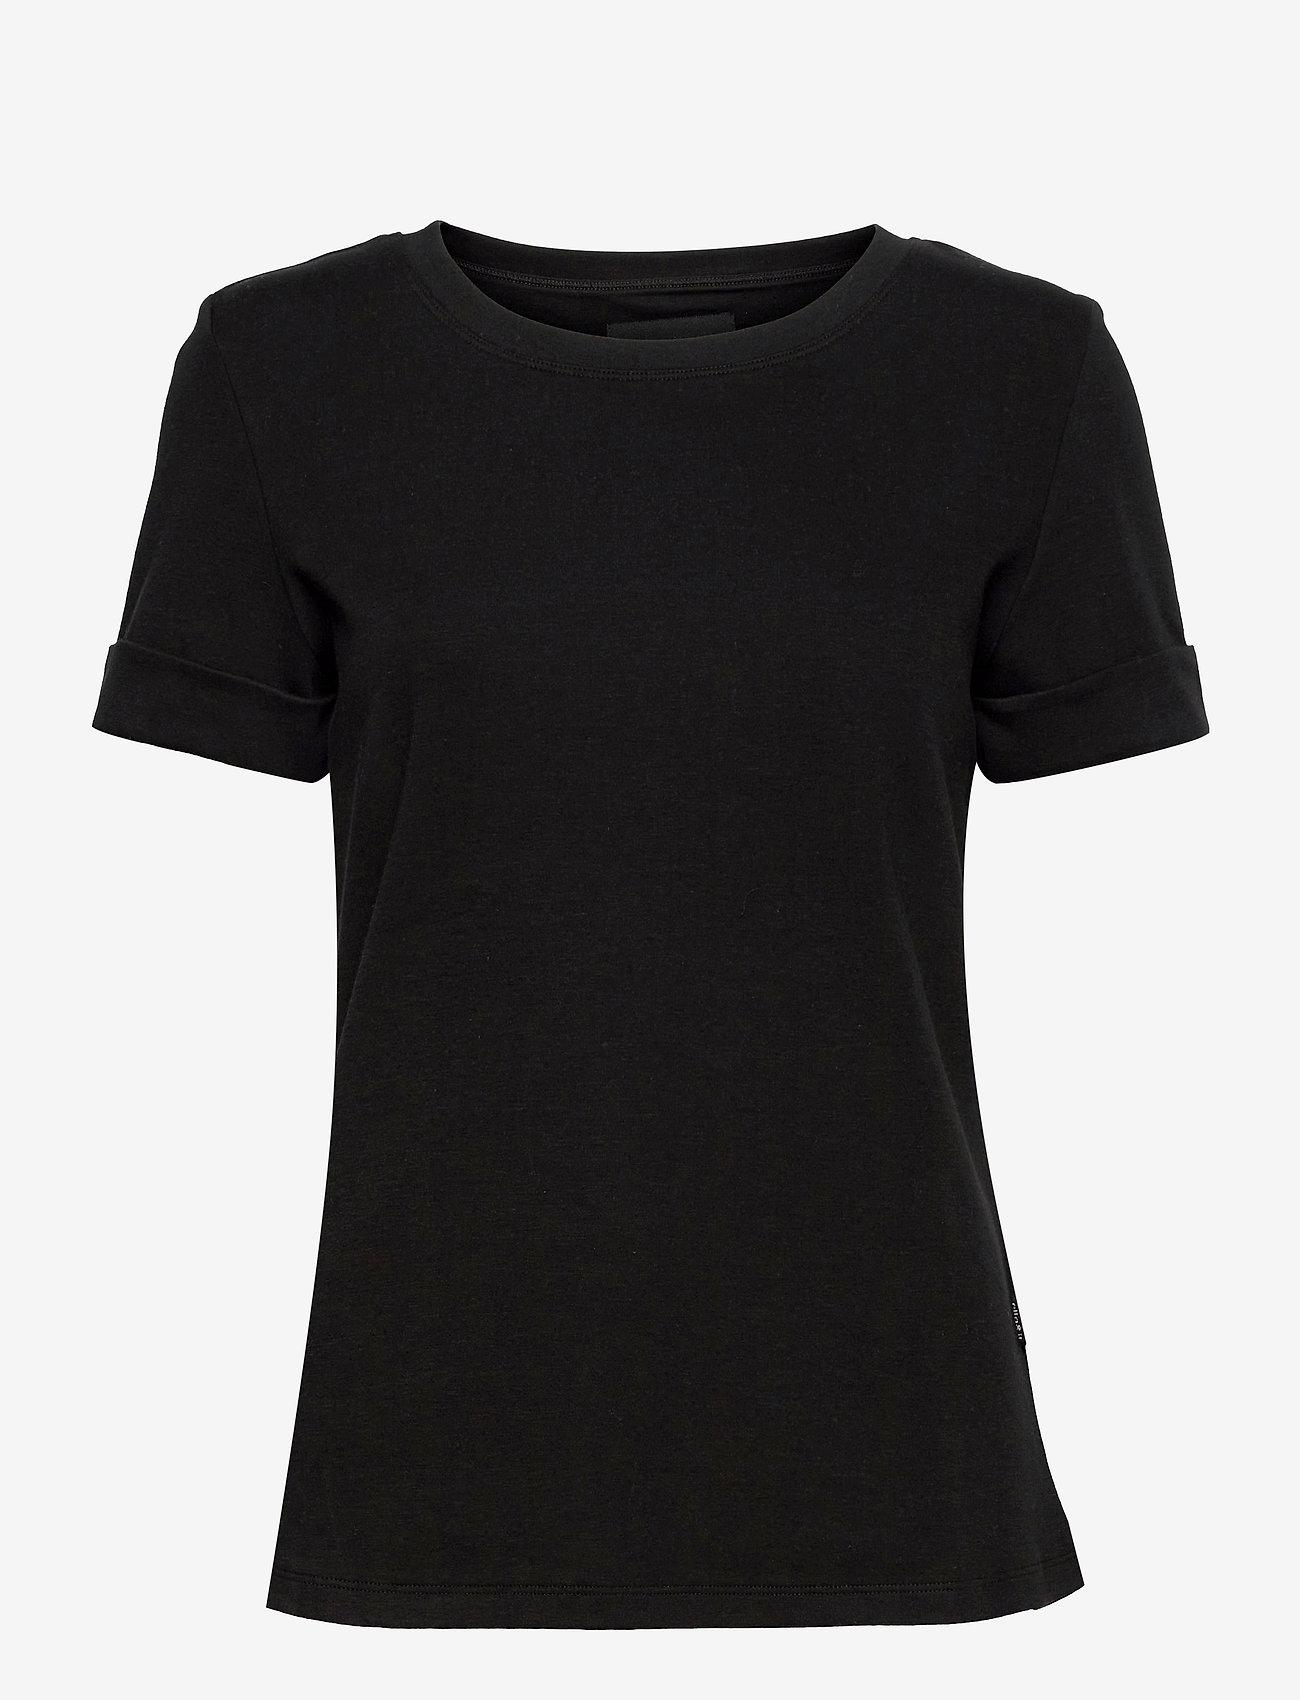 ella&il - Ina tee - t-shirts - black - 0